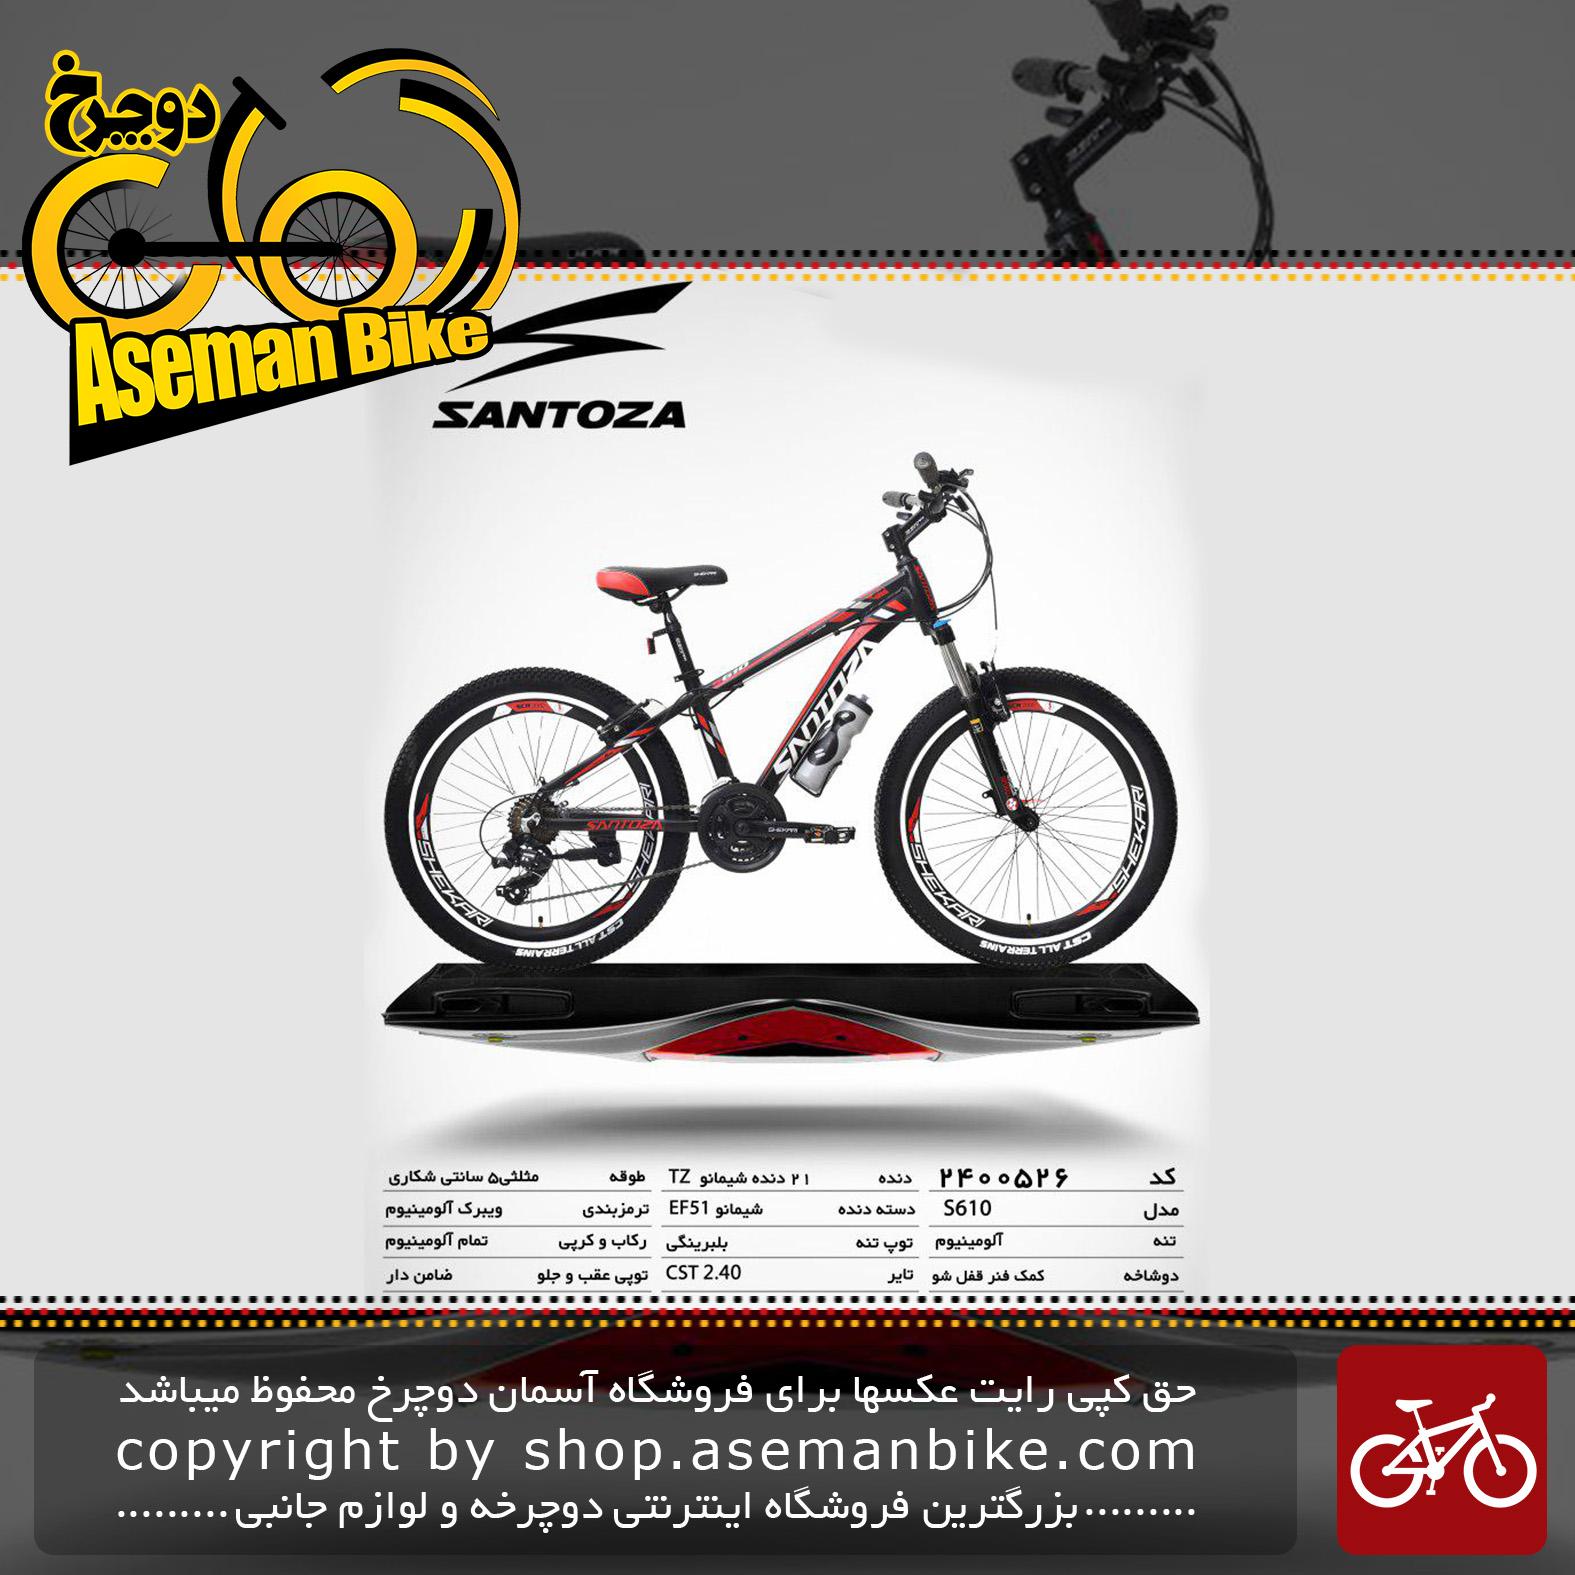 دوچرخه کوهستان سانتوزا 21 دنده شیمانو تورنی تنه آلومینیوم سایز 24مدل اس610 santoza bicycle 24 21 speed shimano tourney tz aluminum vb s610 2019